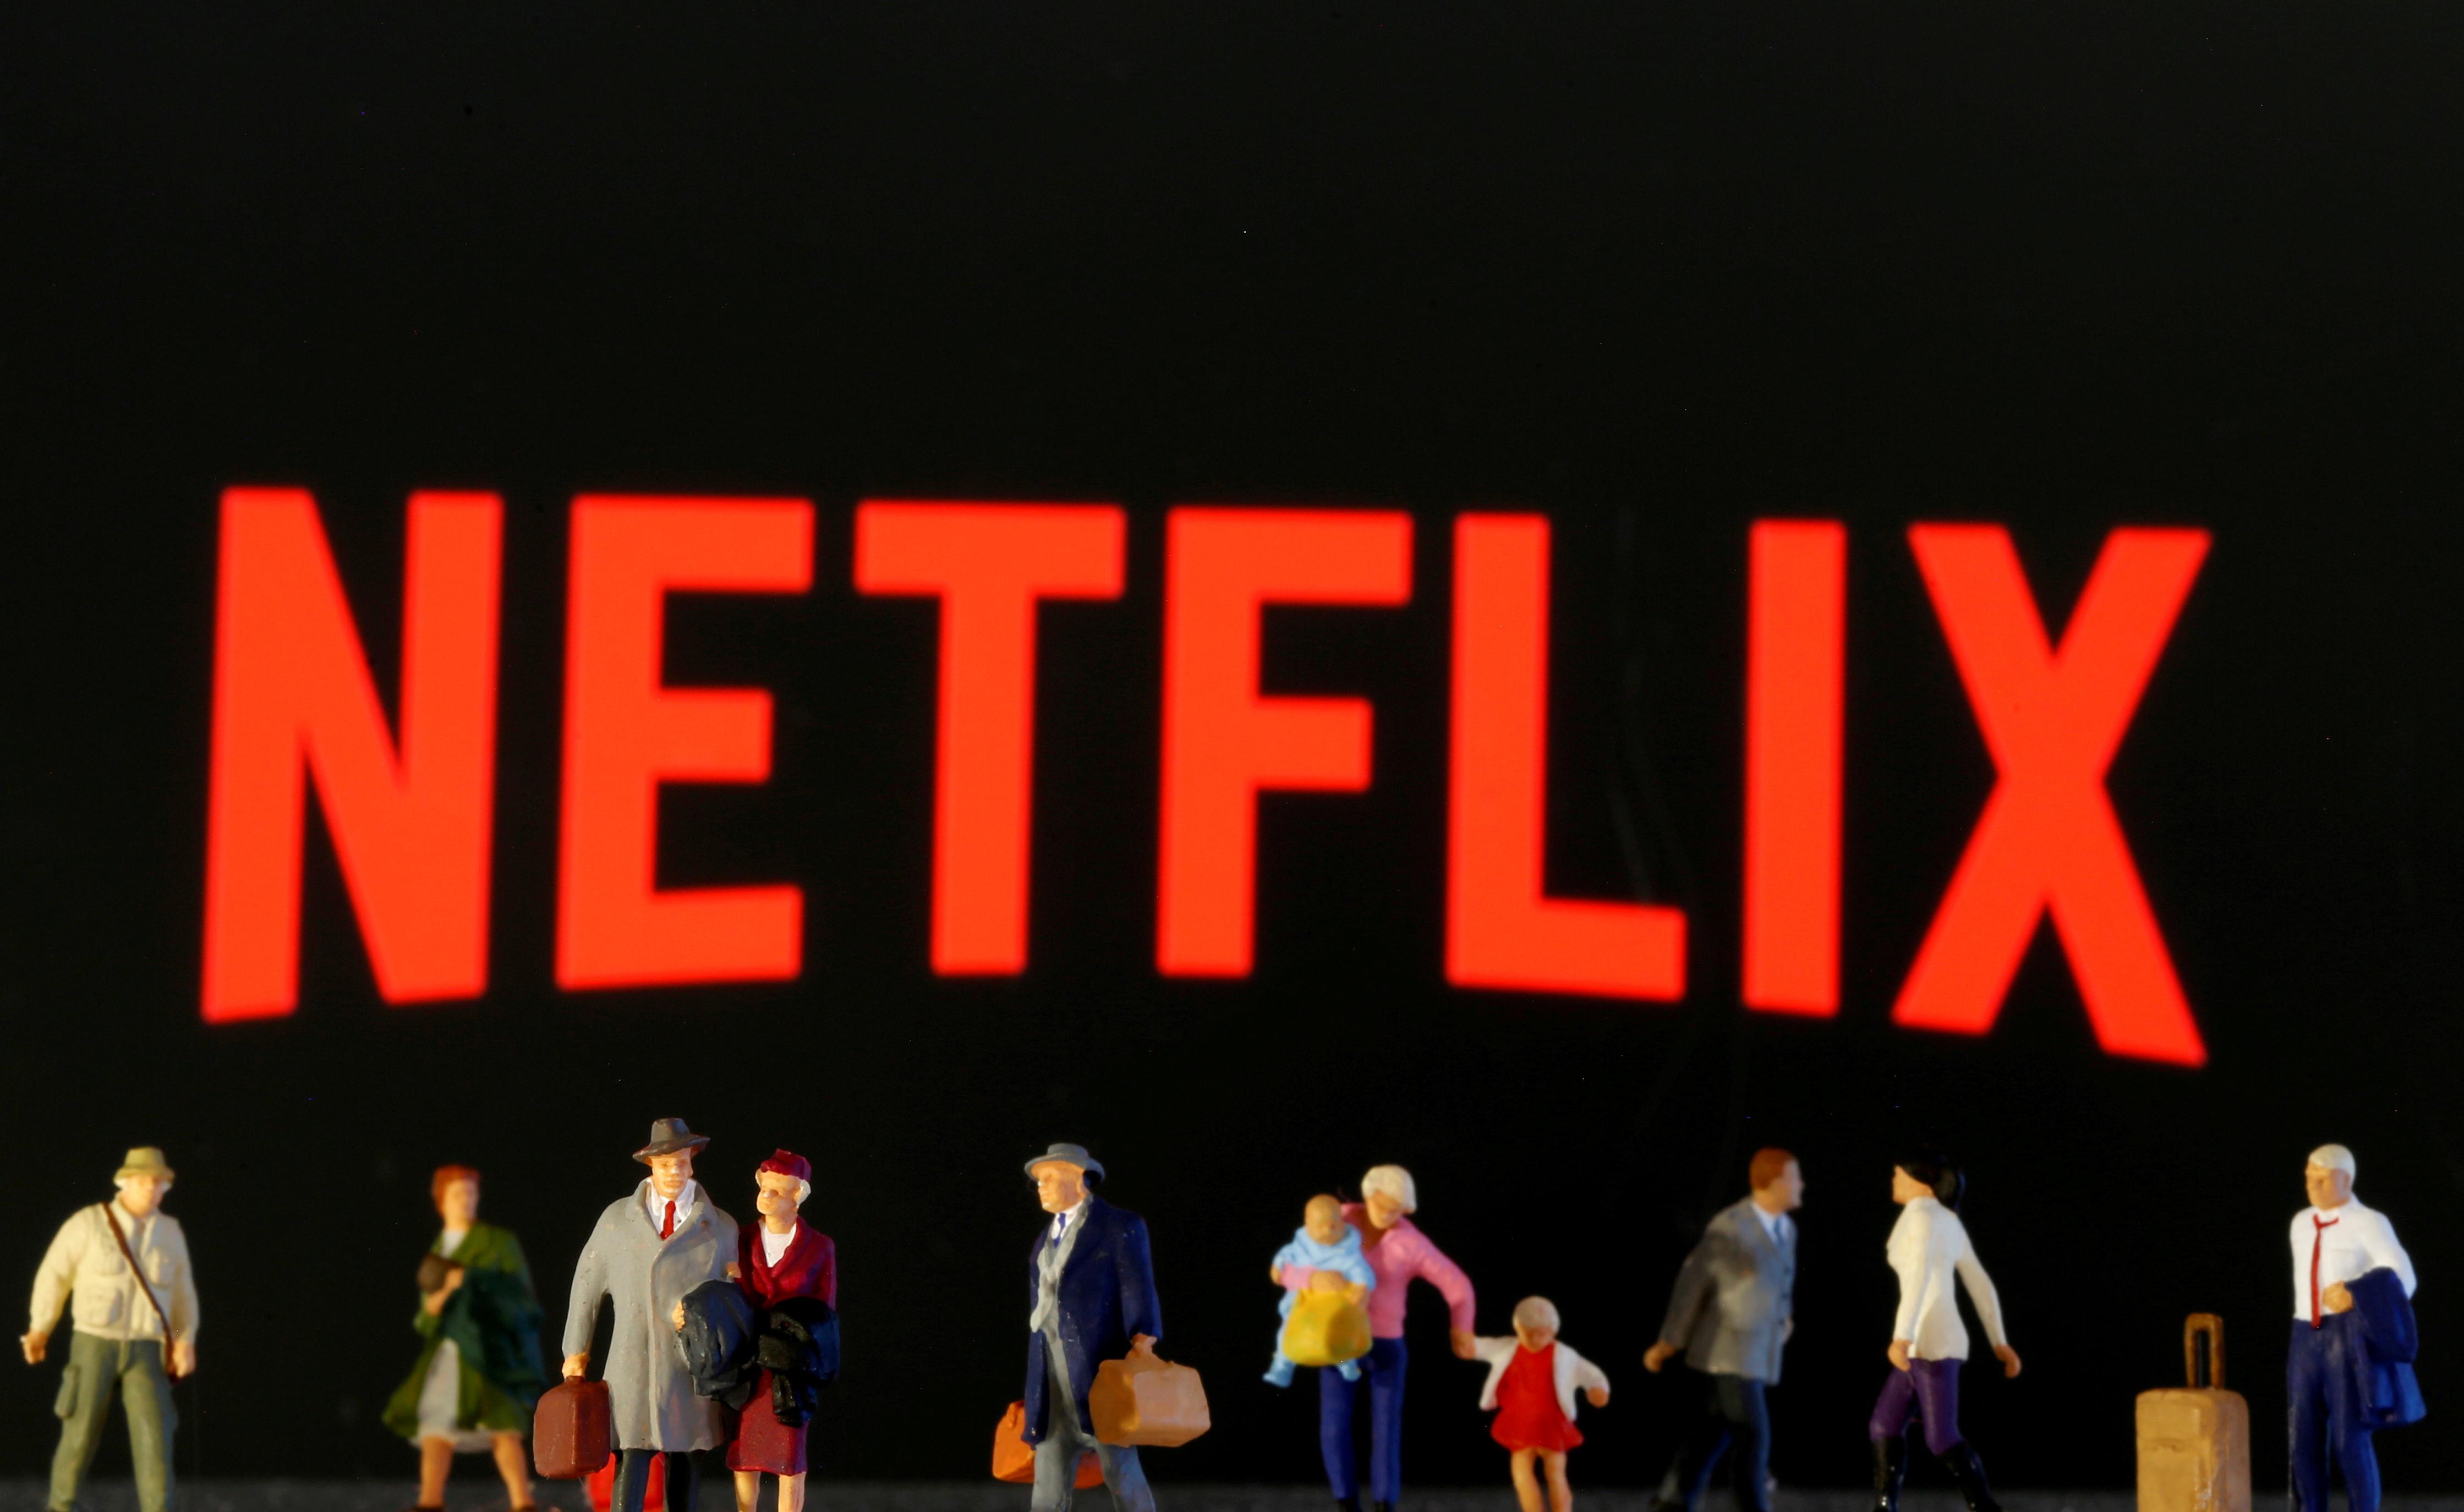 2020년 3월 19일에 찍은 이 그림에서 표시된 Netflix 로고 앞에 작은 장난감 피규어가 보입니다. REUTERS/Dado Ruvic/Illustration/File Photo